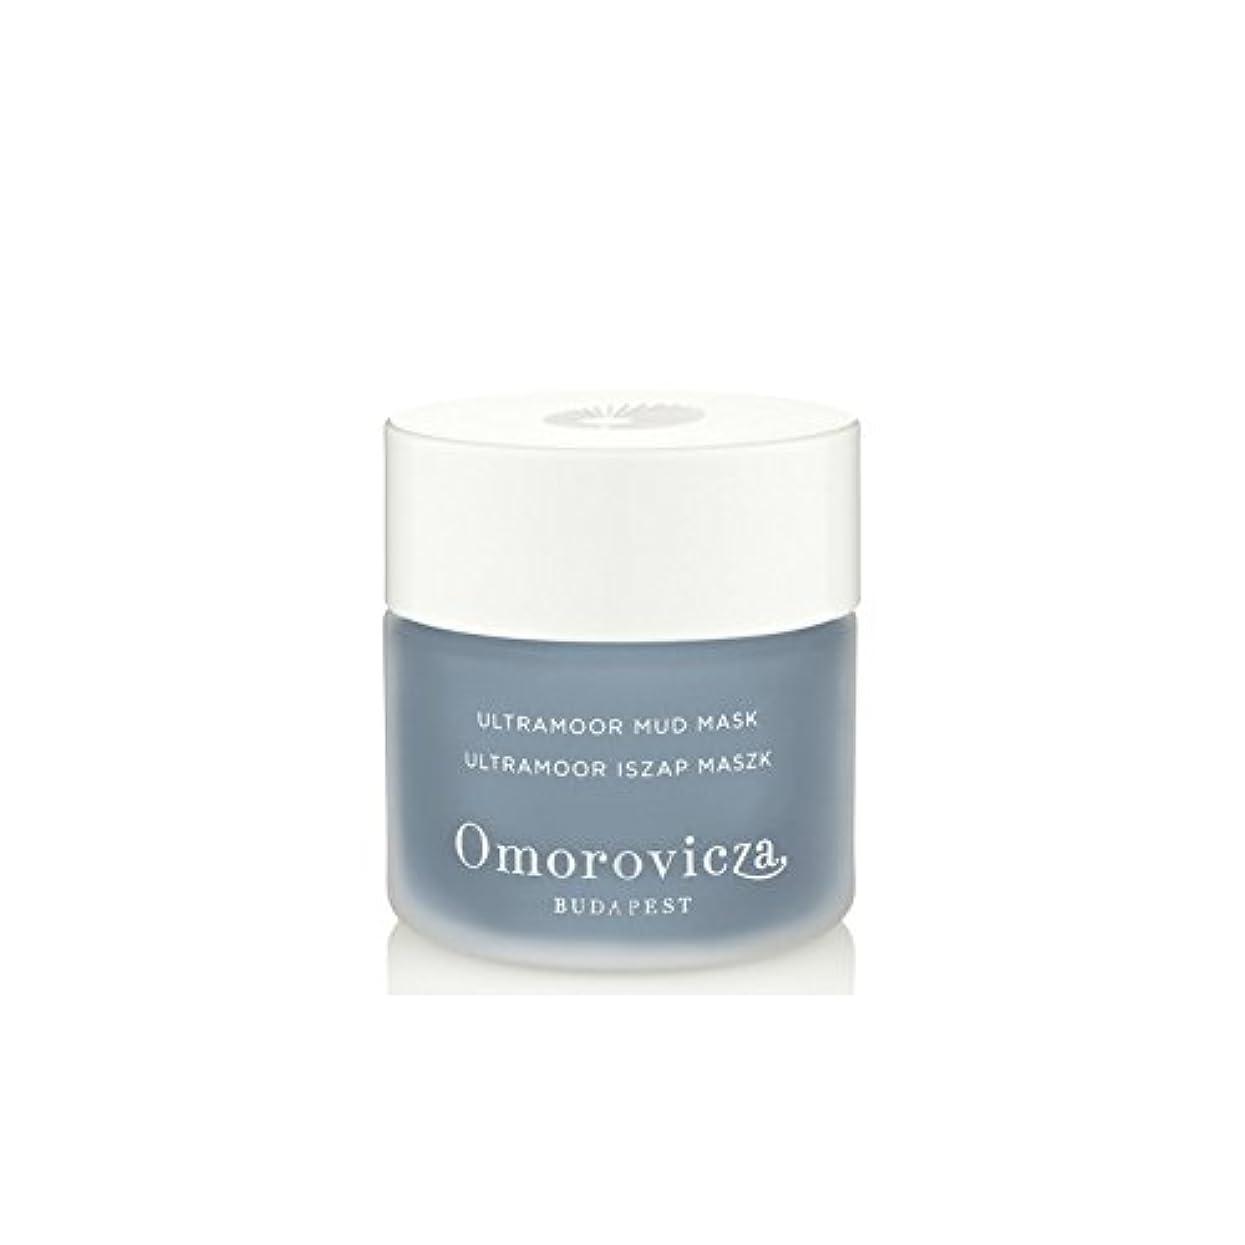 配送ジャーナリスト罪人泥マスク(50ミリリットル) x4 - Omorovicza Ultramoor Mud Mask (50ml) (Pack of 4) [並行輸入品]